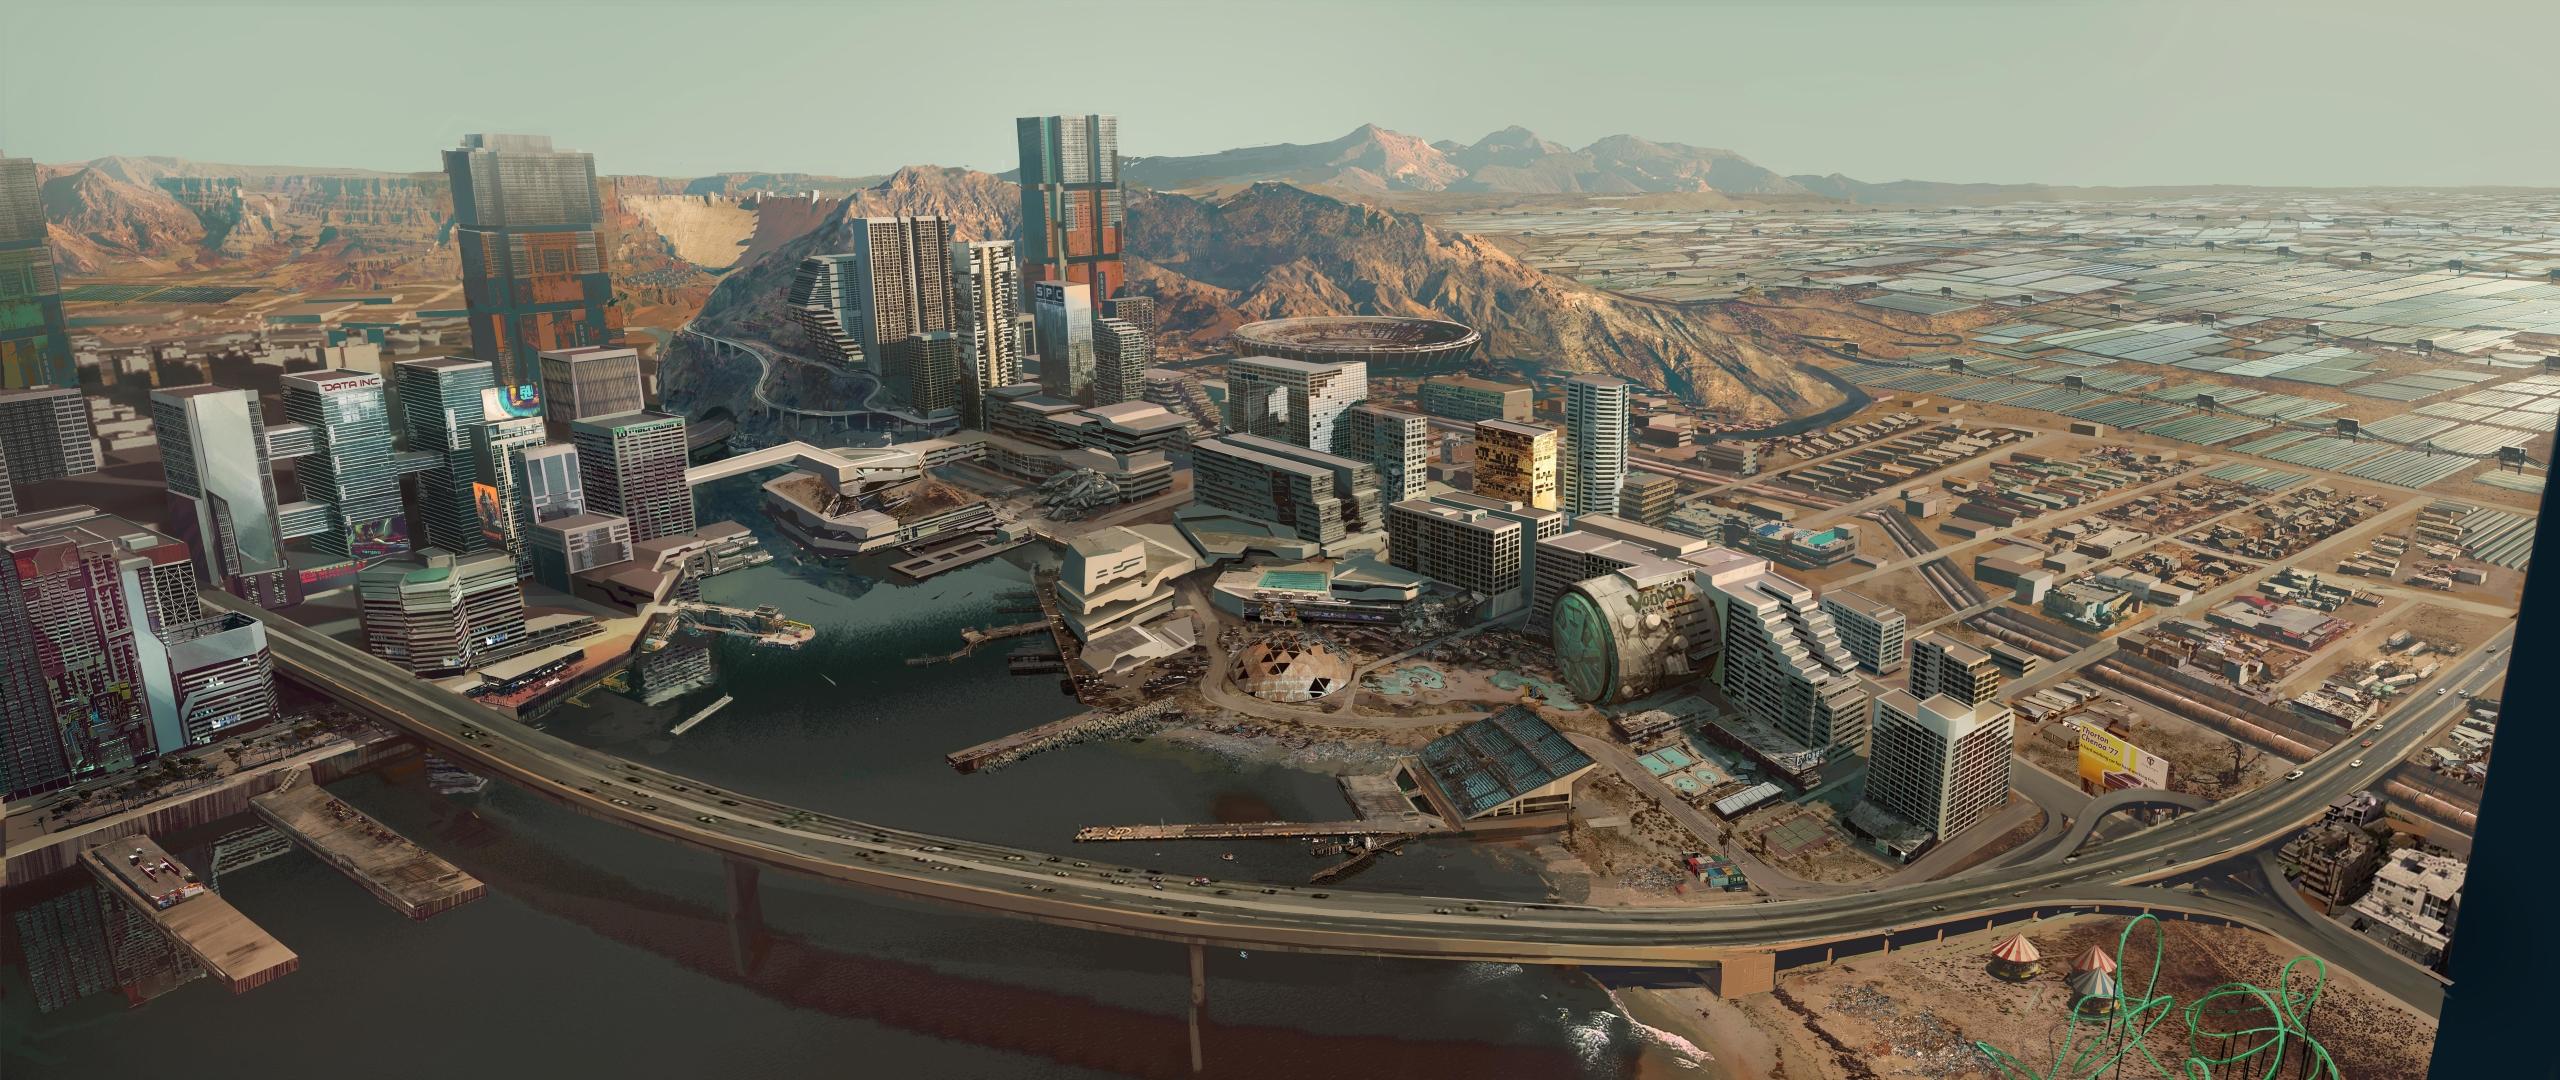 2560x1080 Cyberpunk 2077 City Concept Art 8K 2560x1080 ...